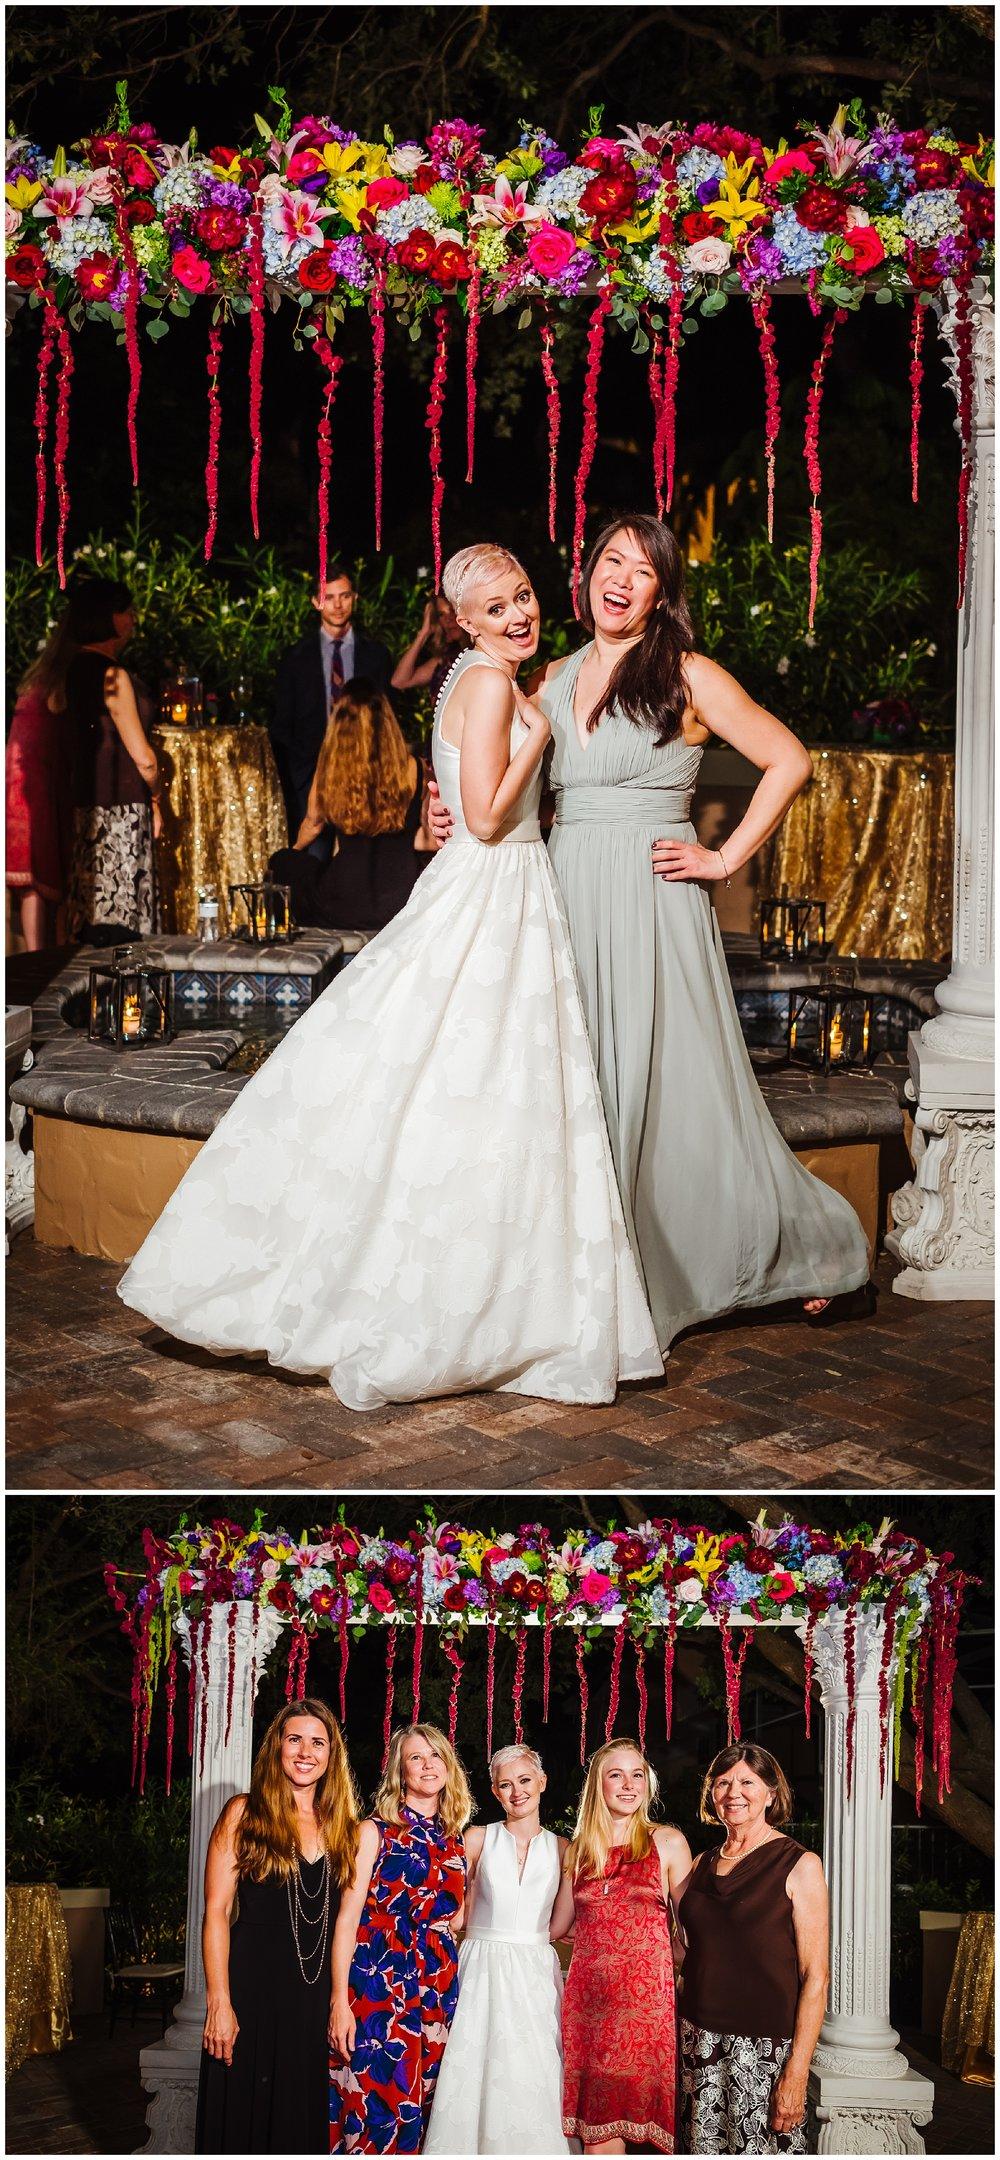 tierra-verde-st-pete-florida-home-luxury-wedding-greenery-pink-pixie-bride_0080.jpg